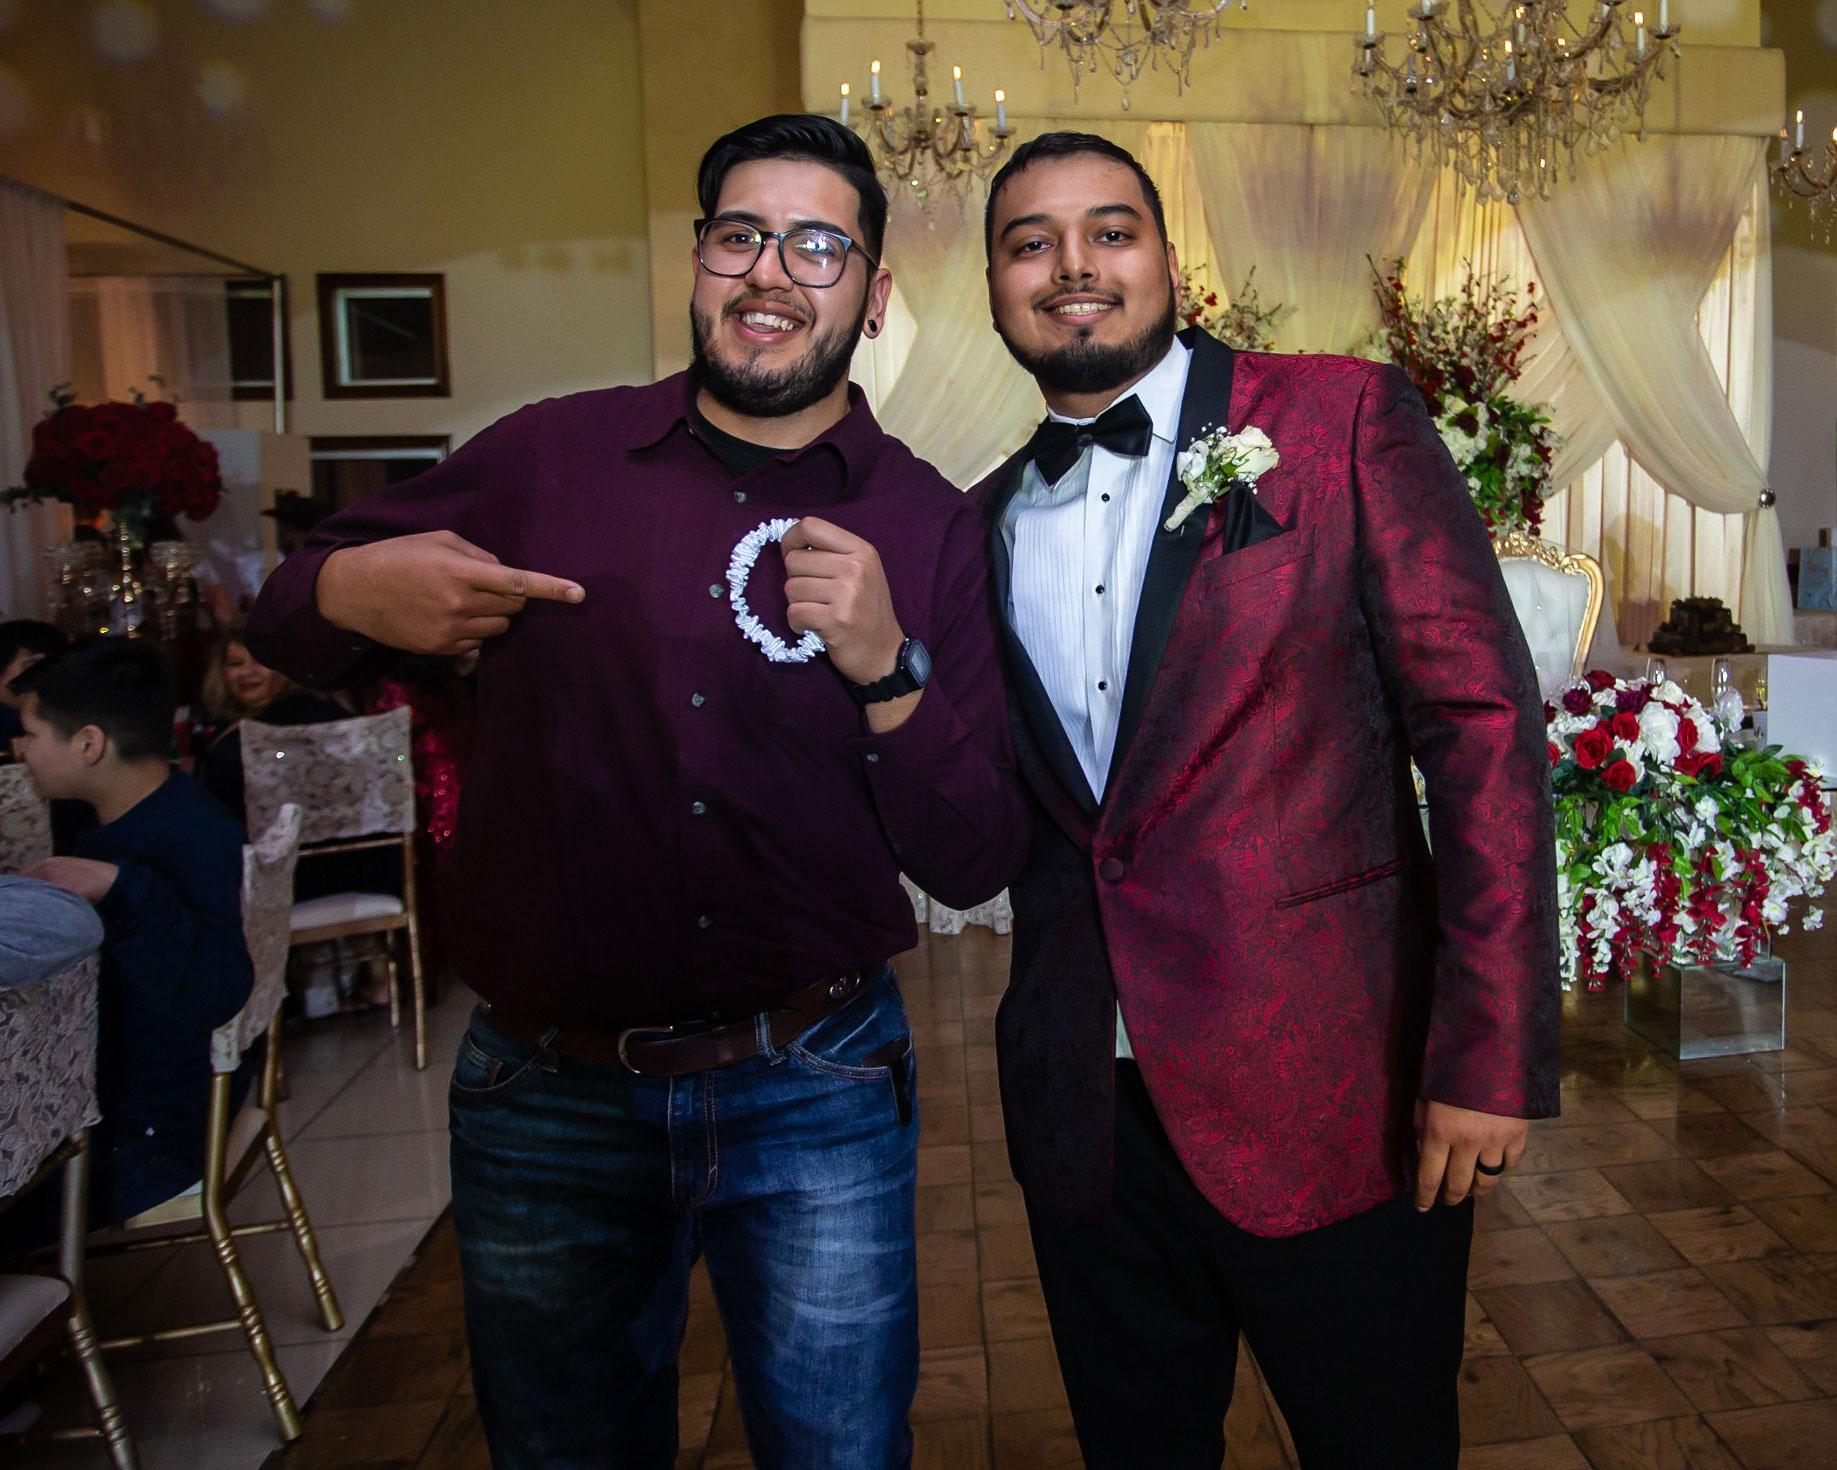 Real del Valle Event Center garter toss wedding